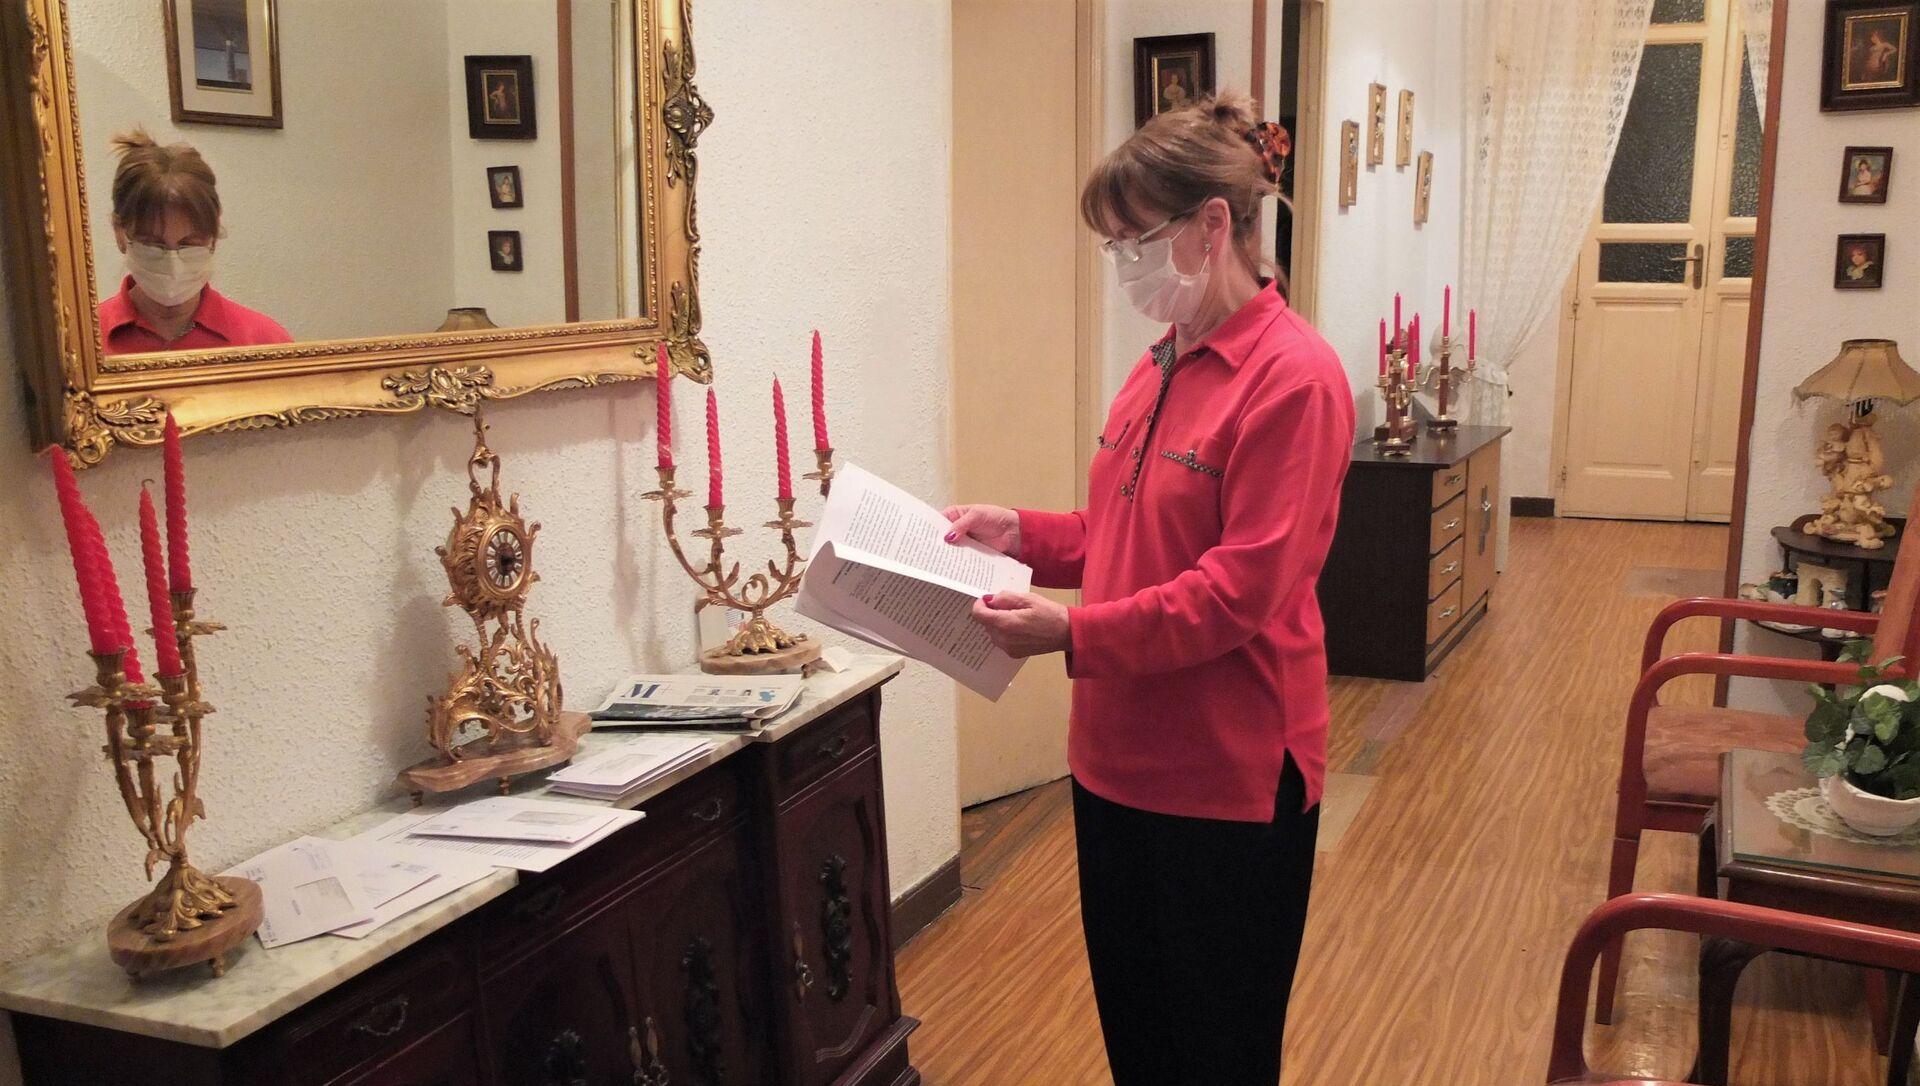 Julia Lucas, vecina del Palacio de la Infanta Carlota, en el centro de Madrid, mirando unos documentos sobre el desalojo - Sputnik Mundo, 1920, 01.12.2020